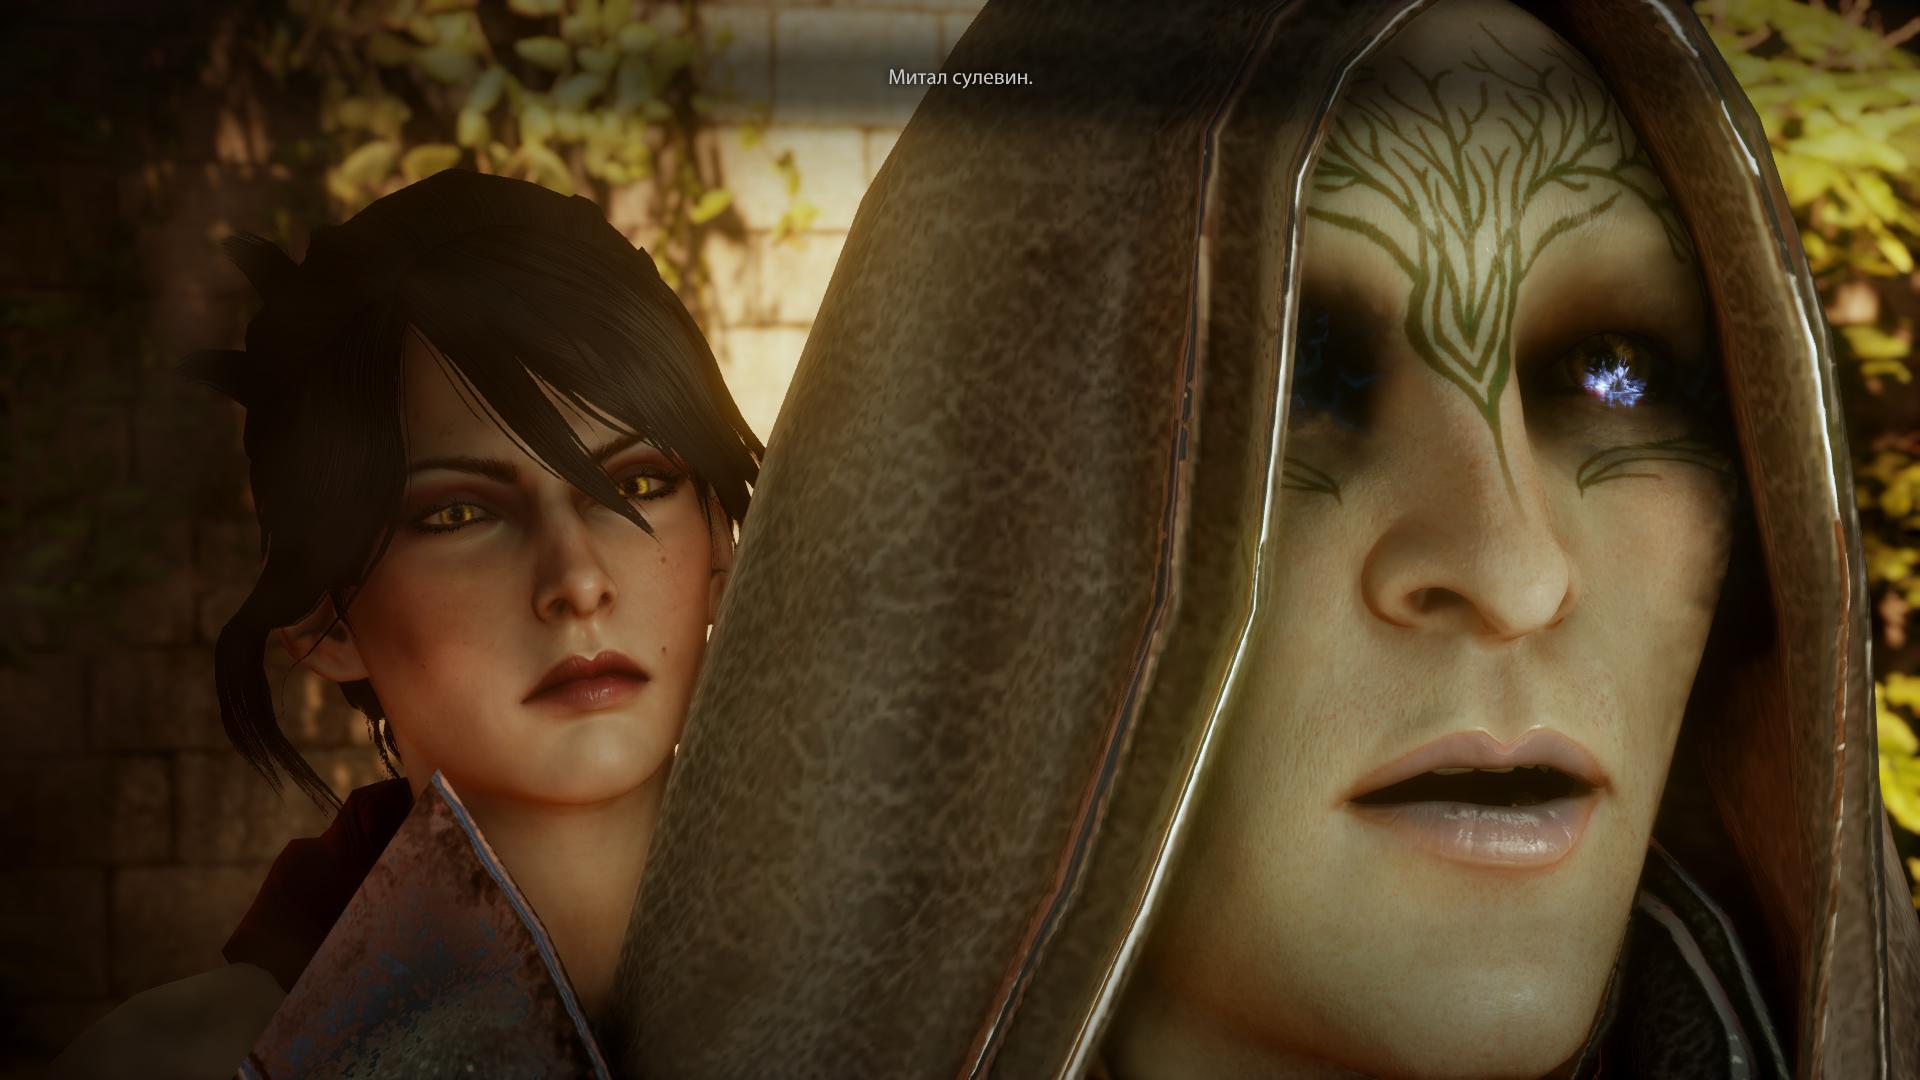 Новые прически в dragon age inquisition